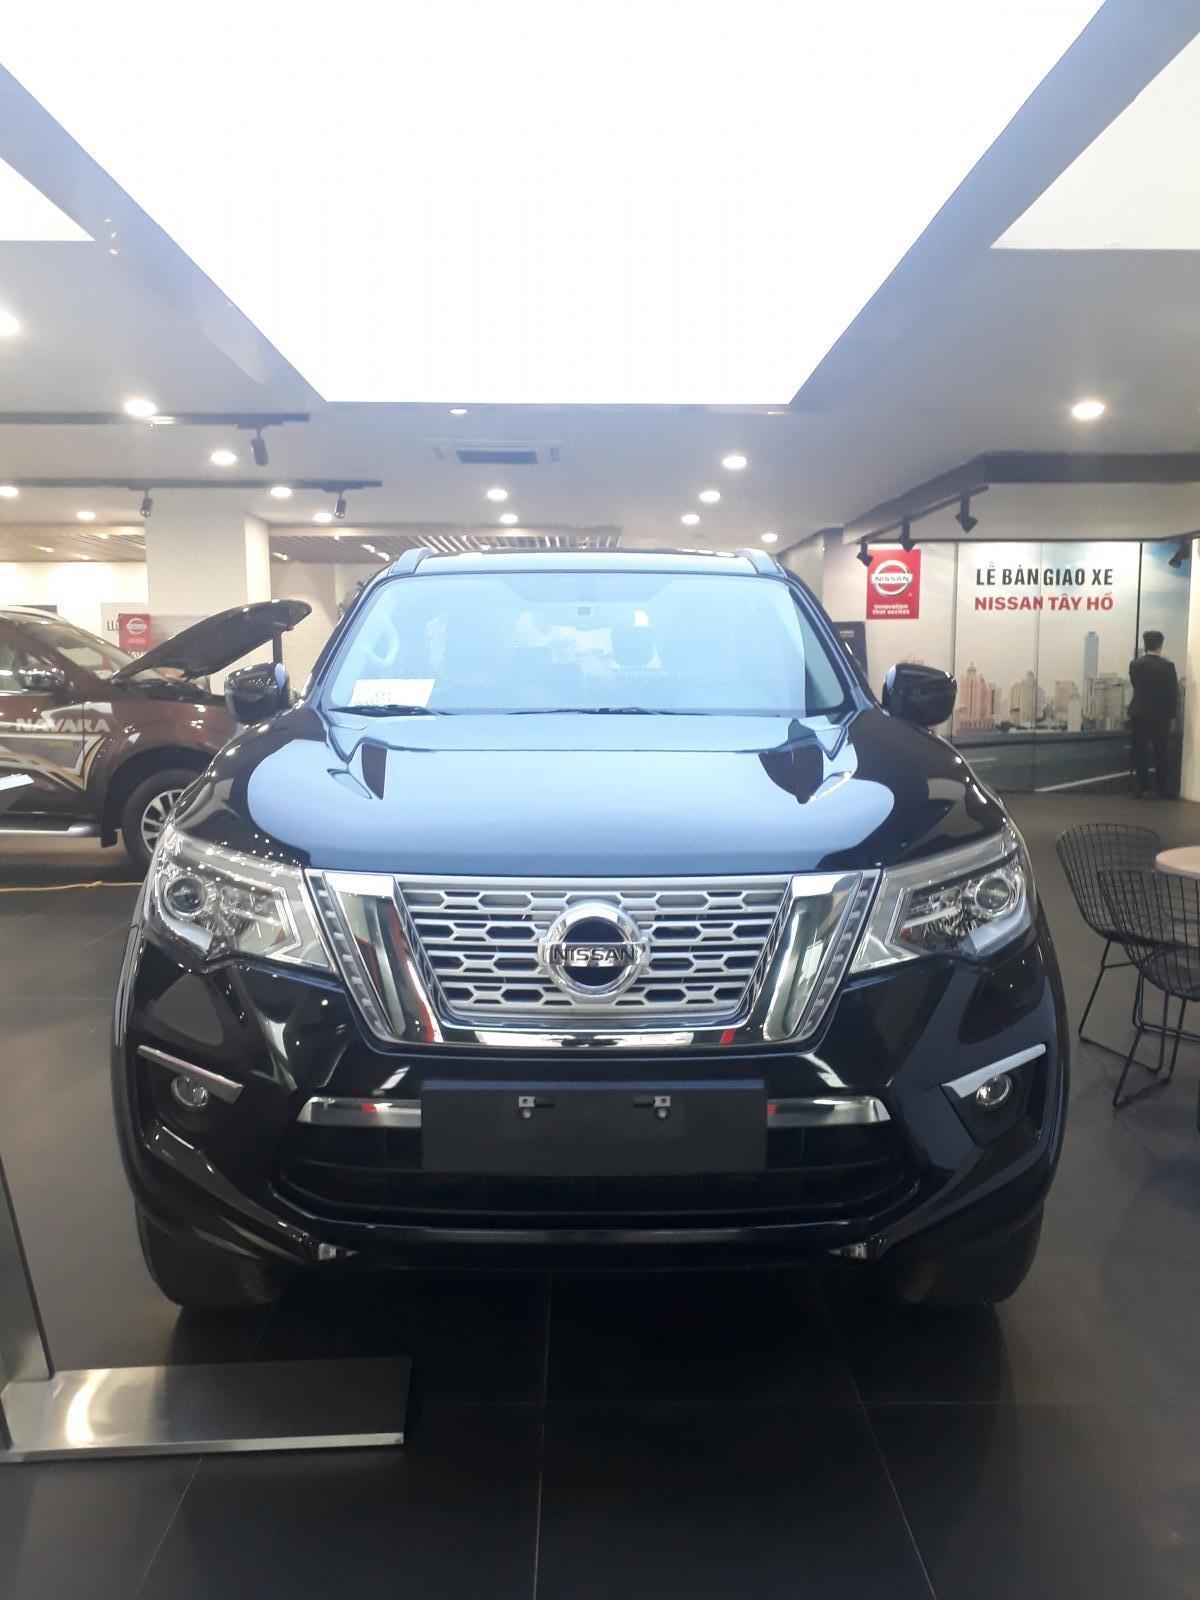 Bán xe Nissan Terra nhập khẩu nguyên chiếc, đầy đủ các phiên bán, S, E, V-0